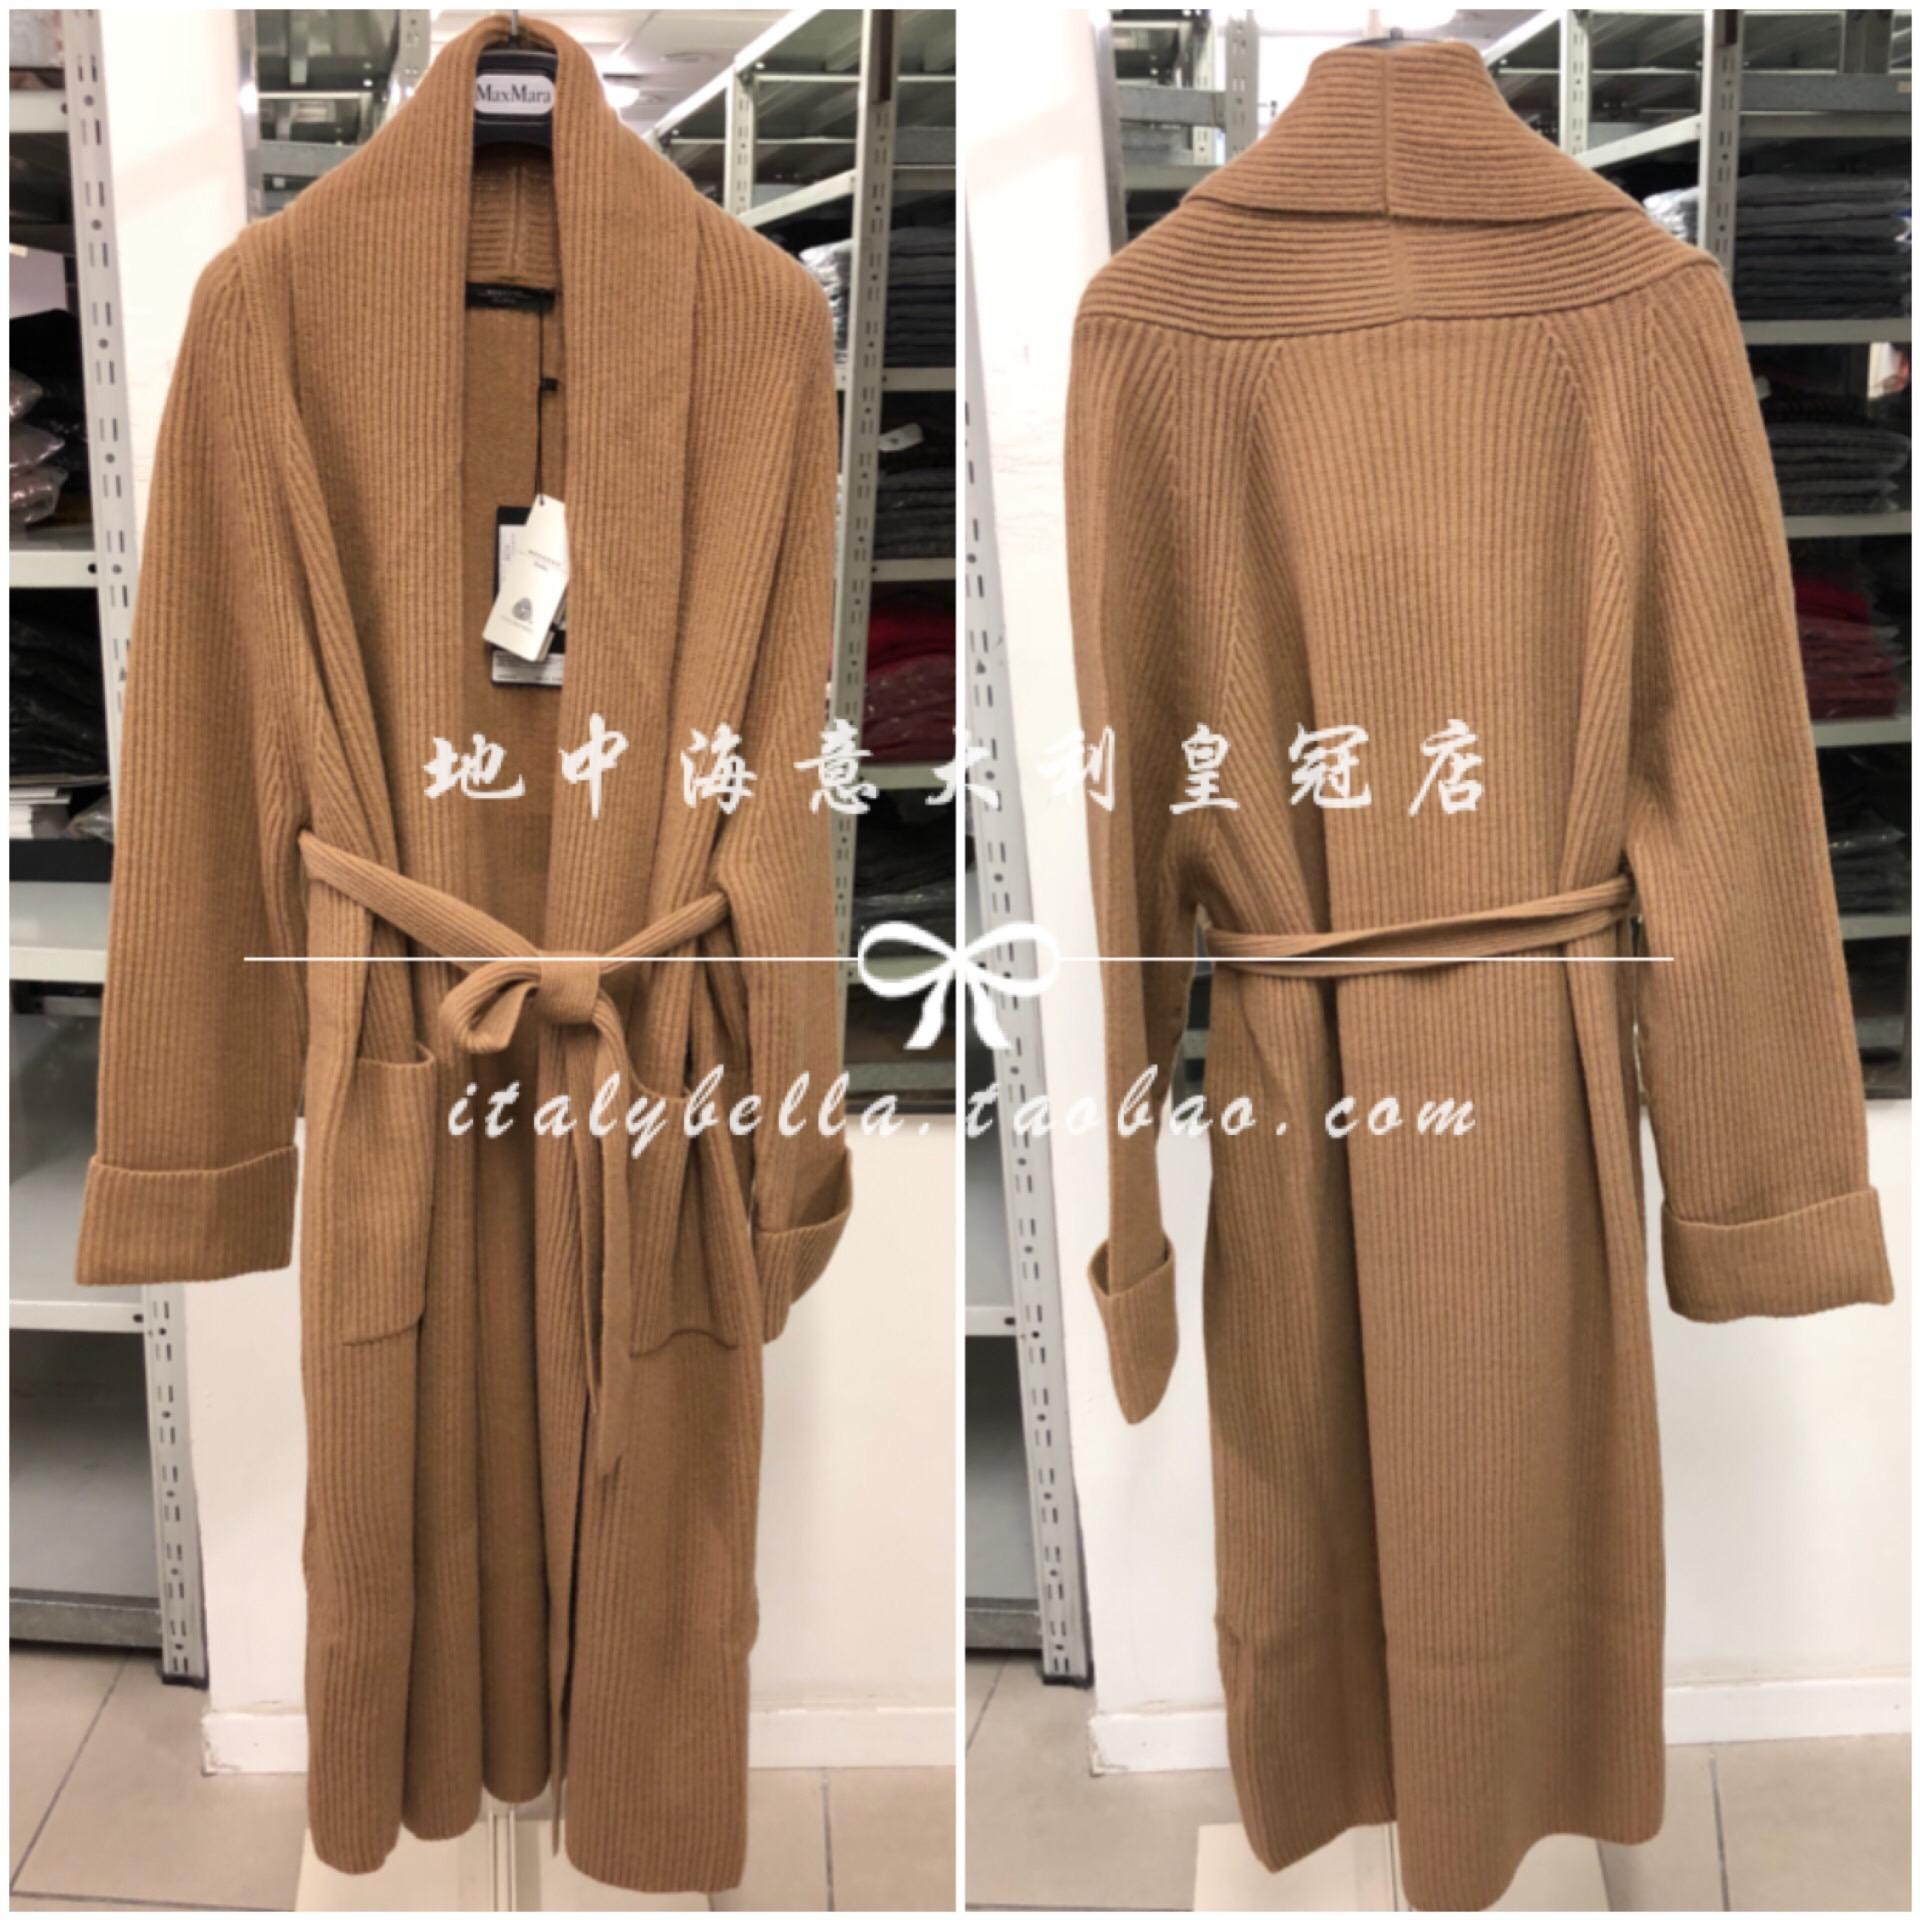 意大利专柜代购MAXMARA WEEKEND2018秋冬长款羊毛针织外套ANGIZIA